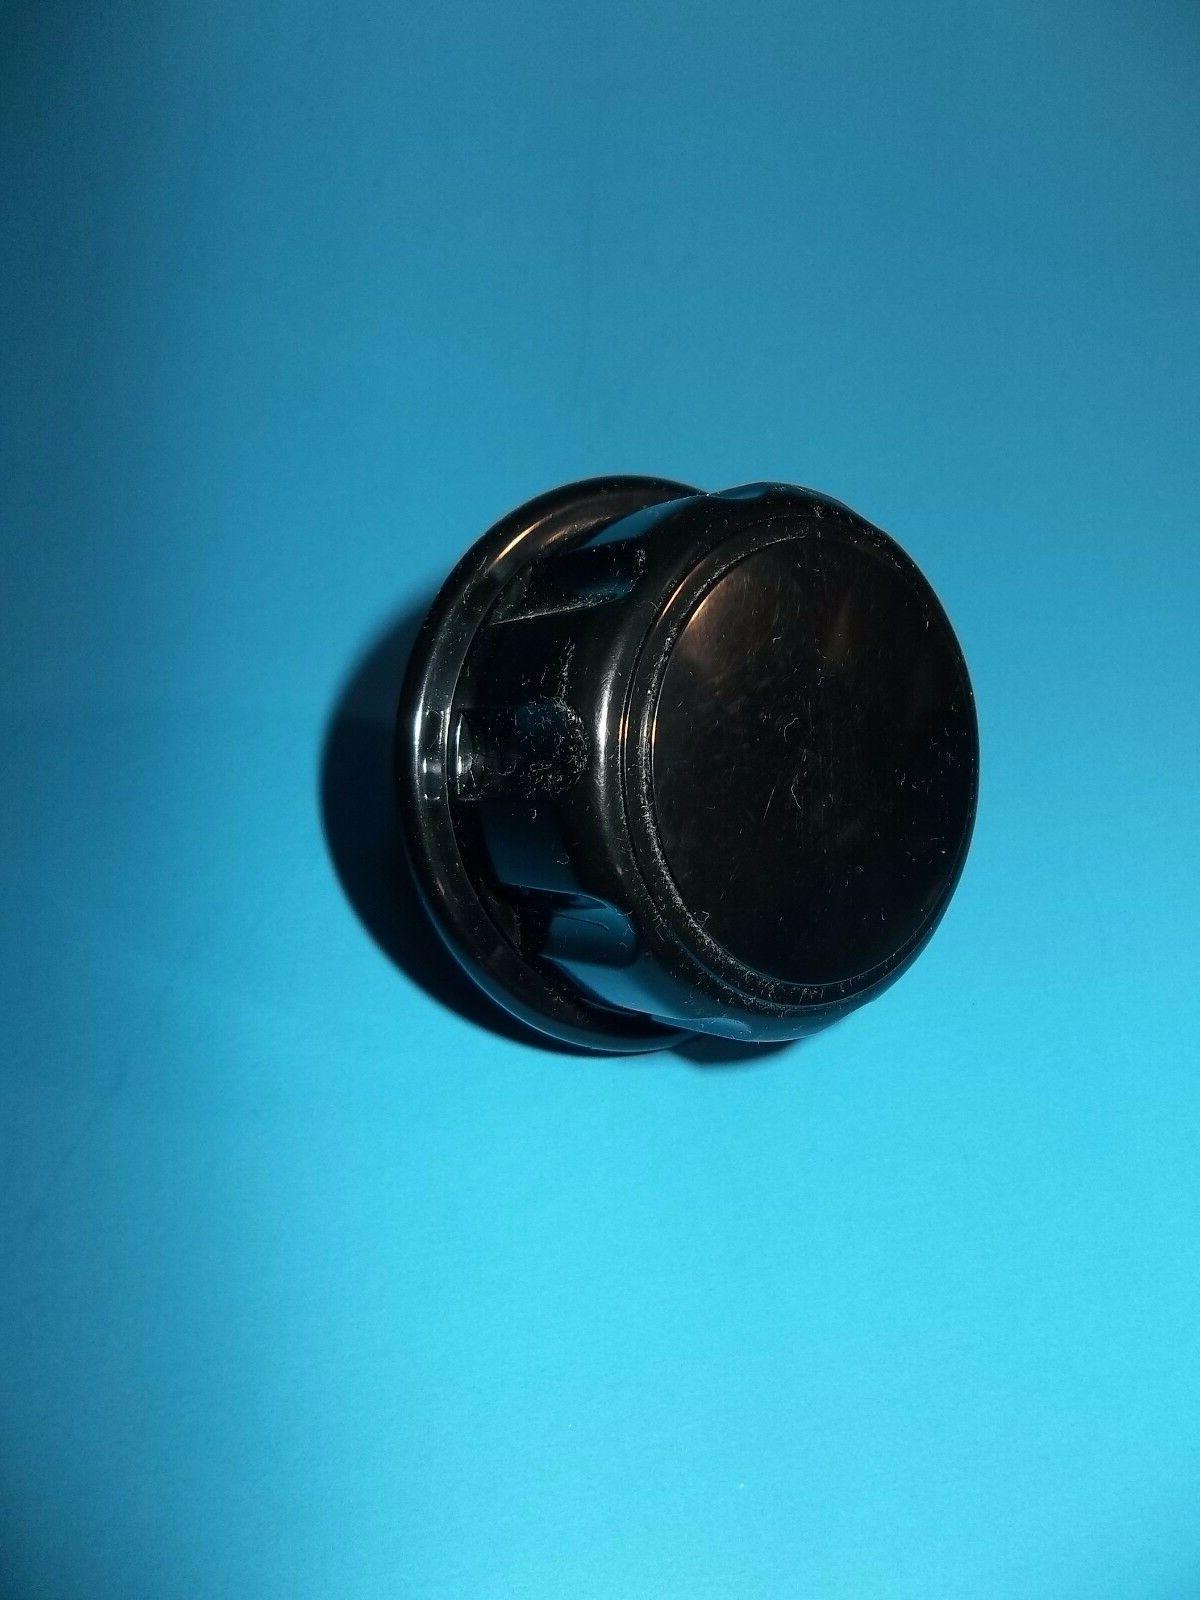 DYNA GLO - Wick Adjuster  Model RMC-55R-7 Kerosene Heater Pa